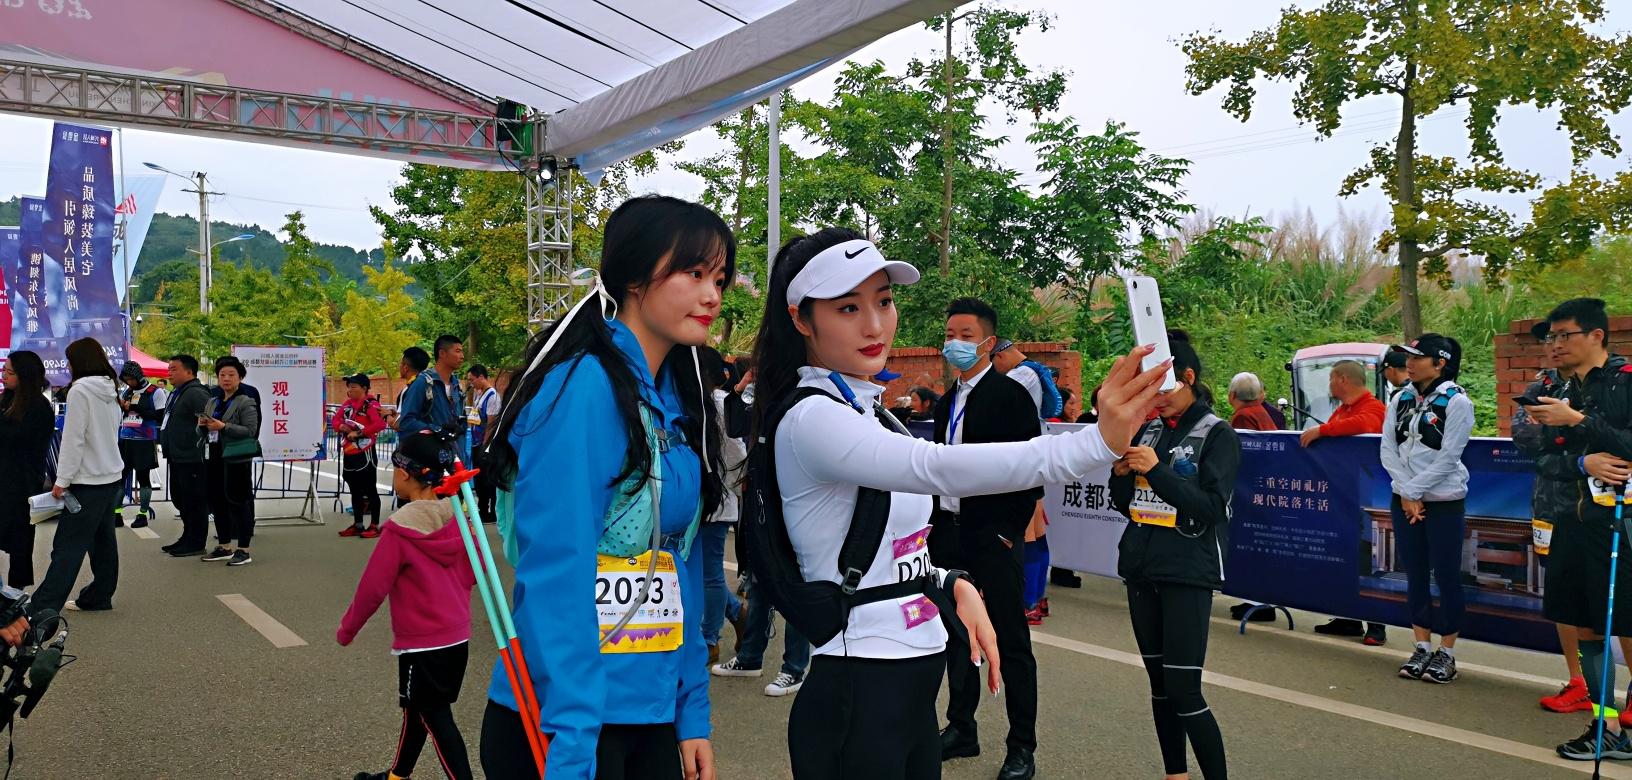 挑战自我 越野越安逸  2020成都龙泉山超百公里越野挑战赛今日鸣枪开赛!